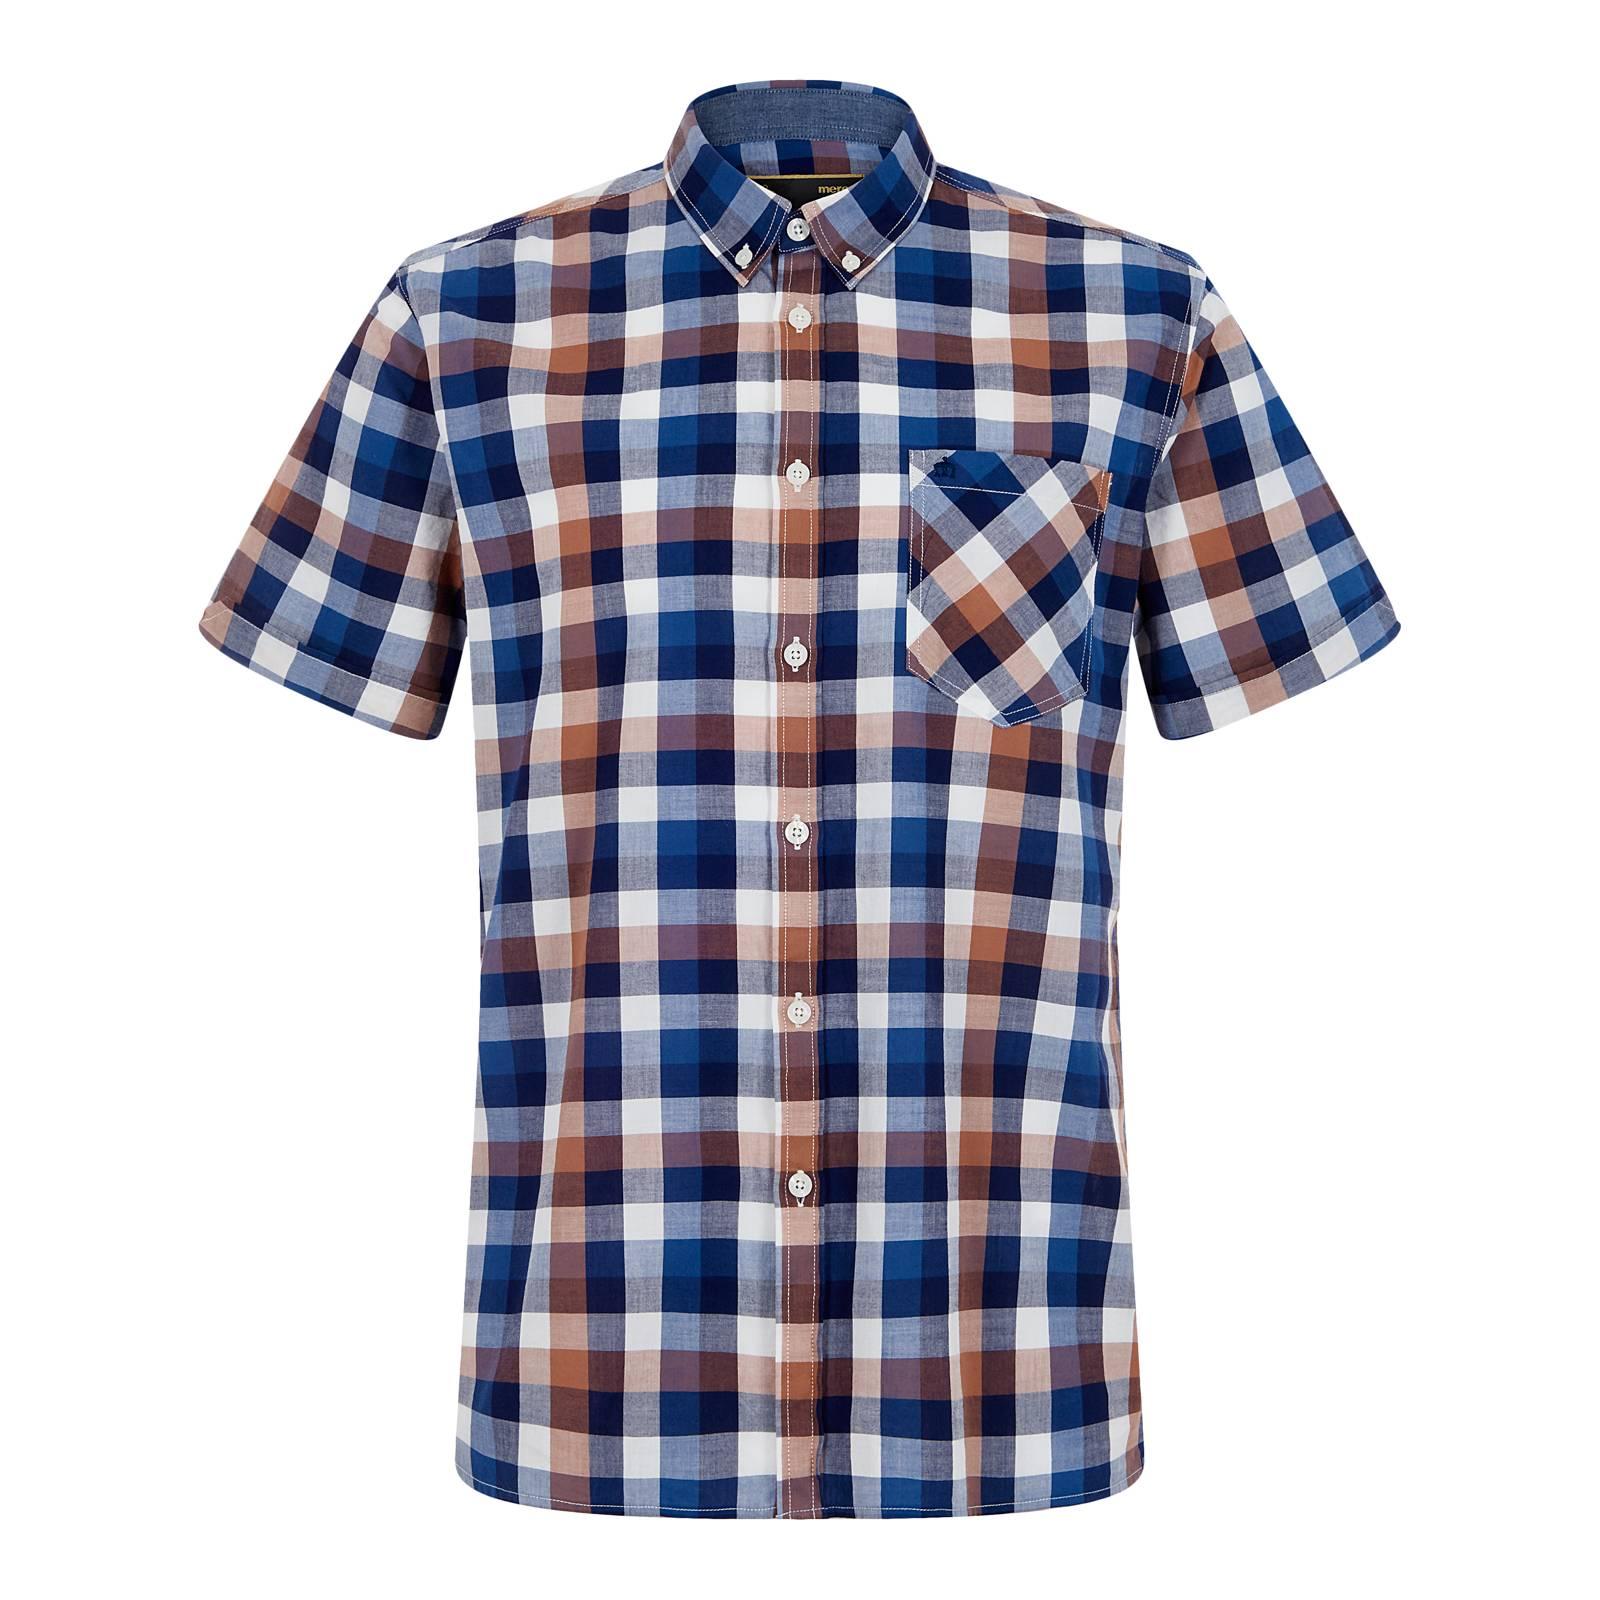 Рубашка AshfordRude Boy by Merc<br>Мужская рубашка с коротким рукавом, пошитая из тонкого сорочечного хлопка, – первоклассной «дышащей» ткани (легкой, но при этом очень прочной), долговечной, немнущейся и неприхотливой в уходе. Крупный клетчатый узор, выполненный в приятной и сбалансированной цветовой гамме, навеян тенденциями современной моды и выглядит весьма актуально. Фирменный для бренда button-down воротник на пуговицах имеет аккуратный фасон и хорошо сочетается с легким трикотажем, весенними парками, ветровками и Харрингтоном. Рукава рубашки немного заужены для прилегания. Её можно носить как с кроссовками, так и с относительно строгой обувью, например, лоферами или топсайдерами, комбинируя с чиносами или шортами; брюками Sta-Prest или джинсами; хипстерским рюкзаком или ретро сумкой через плечо. Брендирована логотипом Корона на нагрудном кармане.<br><br>Артикул: 1517112<br>Материал: 100% хлопок<br>Цвет: коричневый с синим<br>Пол: Мужской